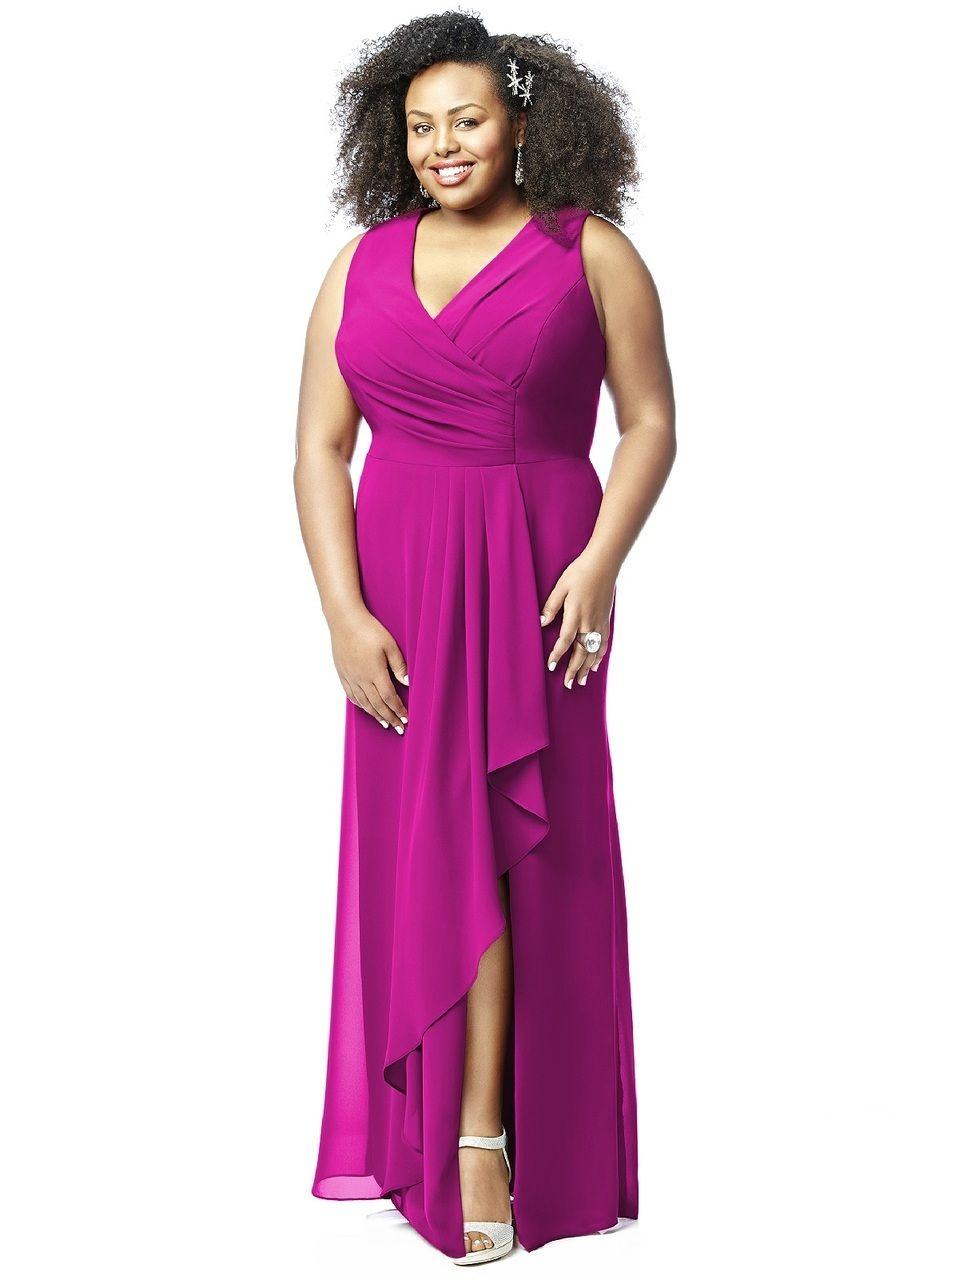 Lovelie Plus Size Bridesmaid Dress 9010